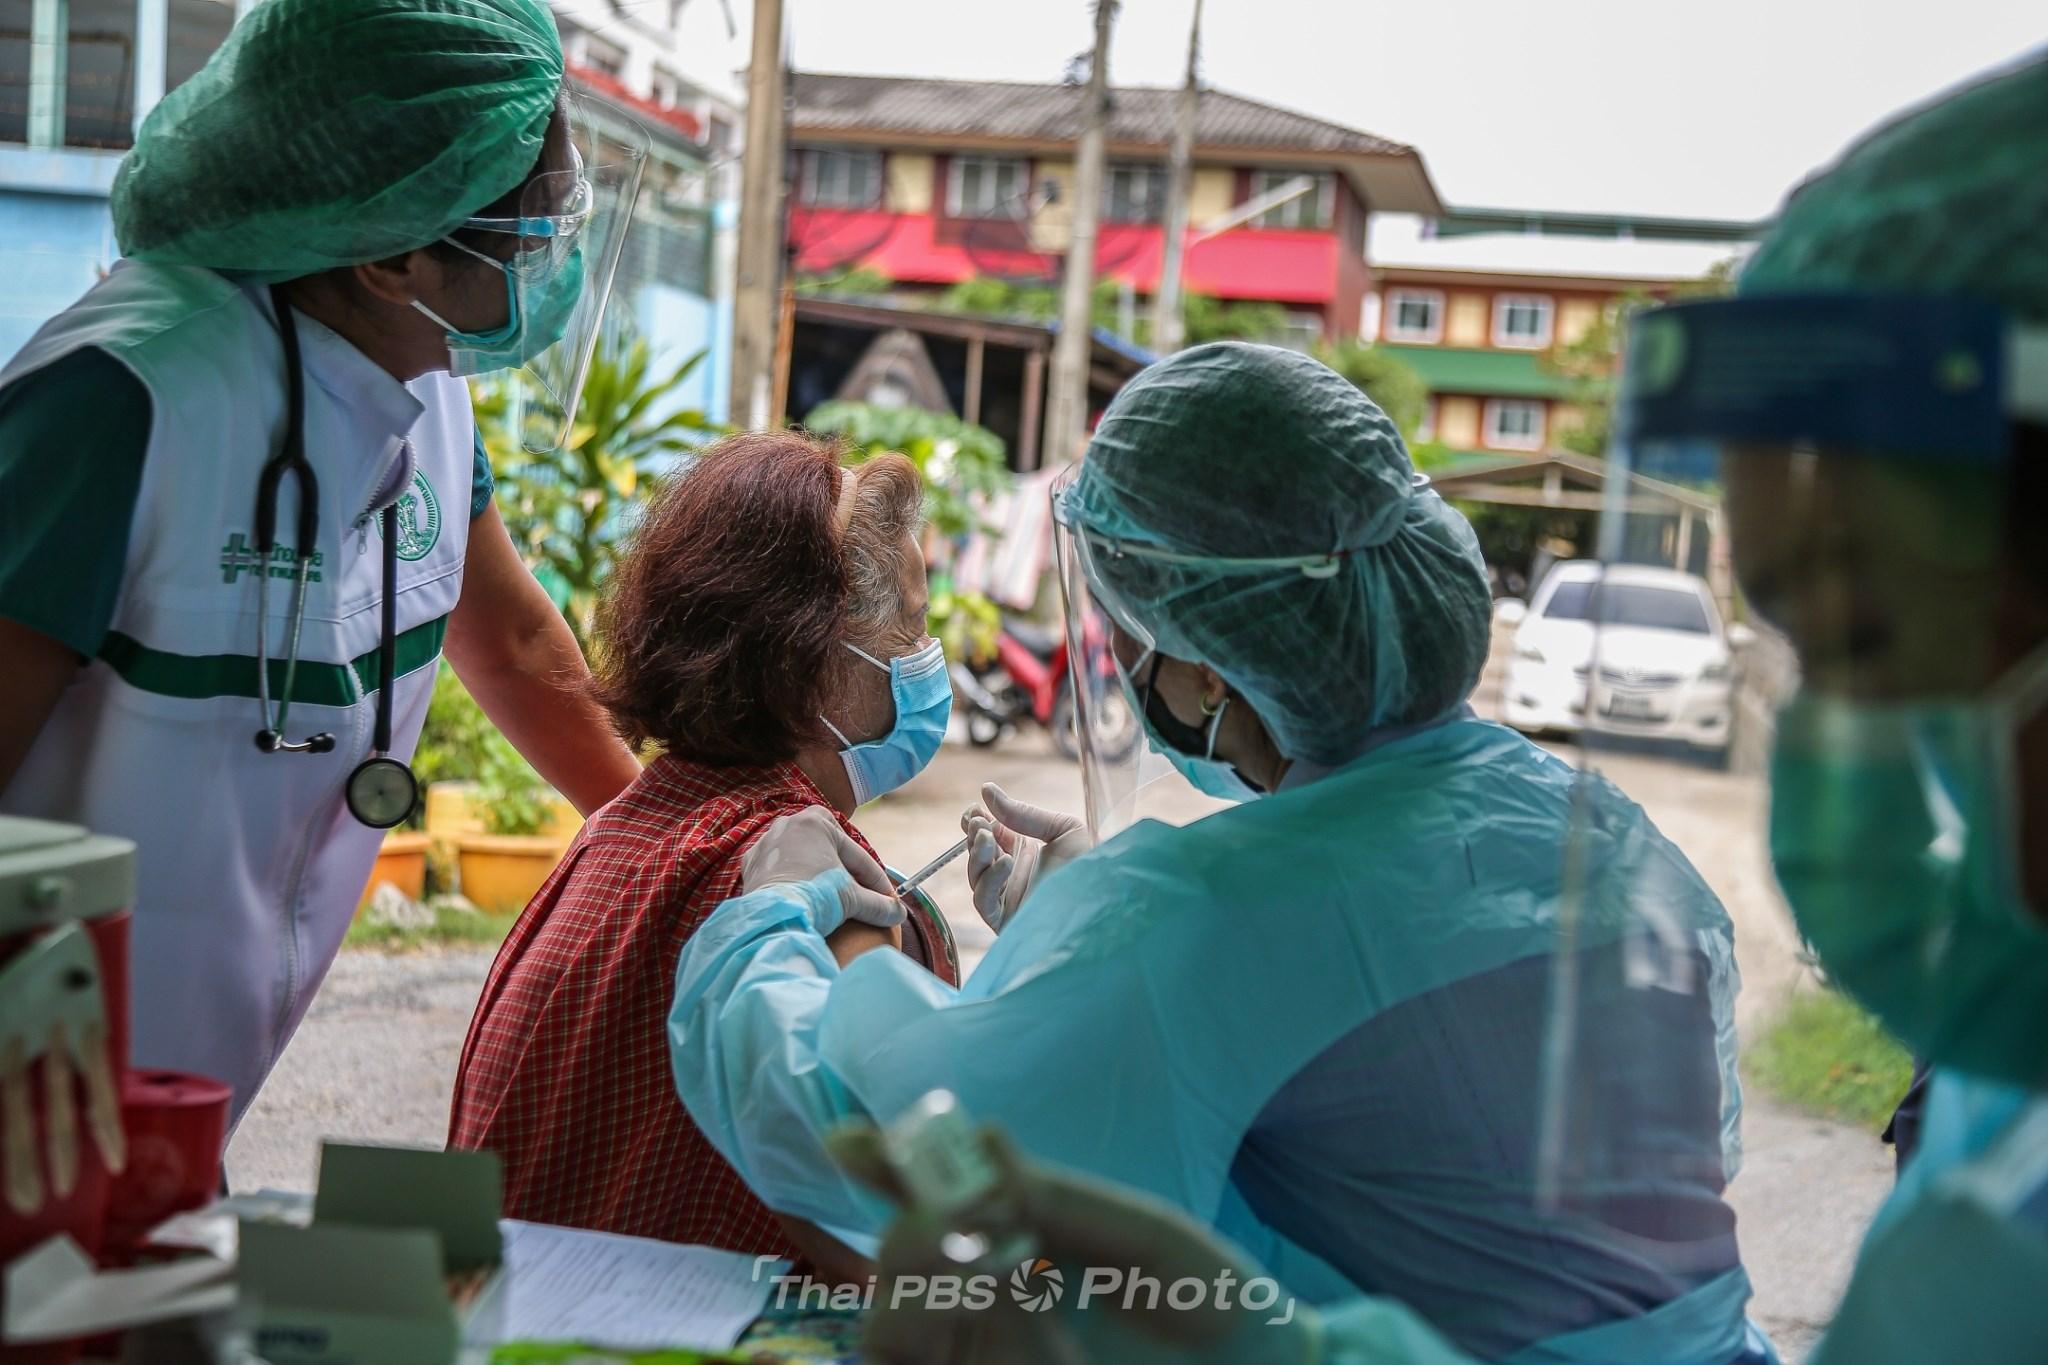 ทีม CCRT ลุยฉีดวัคซีนผู้สูงอายุ ตามชุมชนทั่ว กทม. | 16 ก.ค. 64